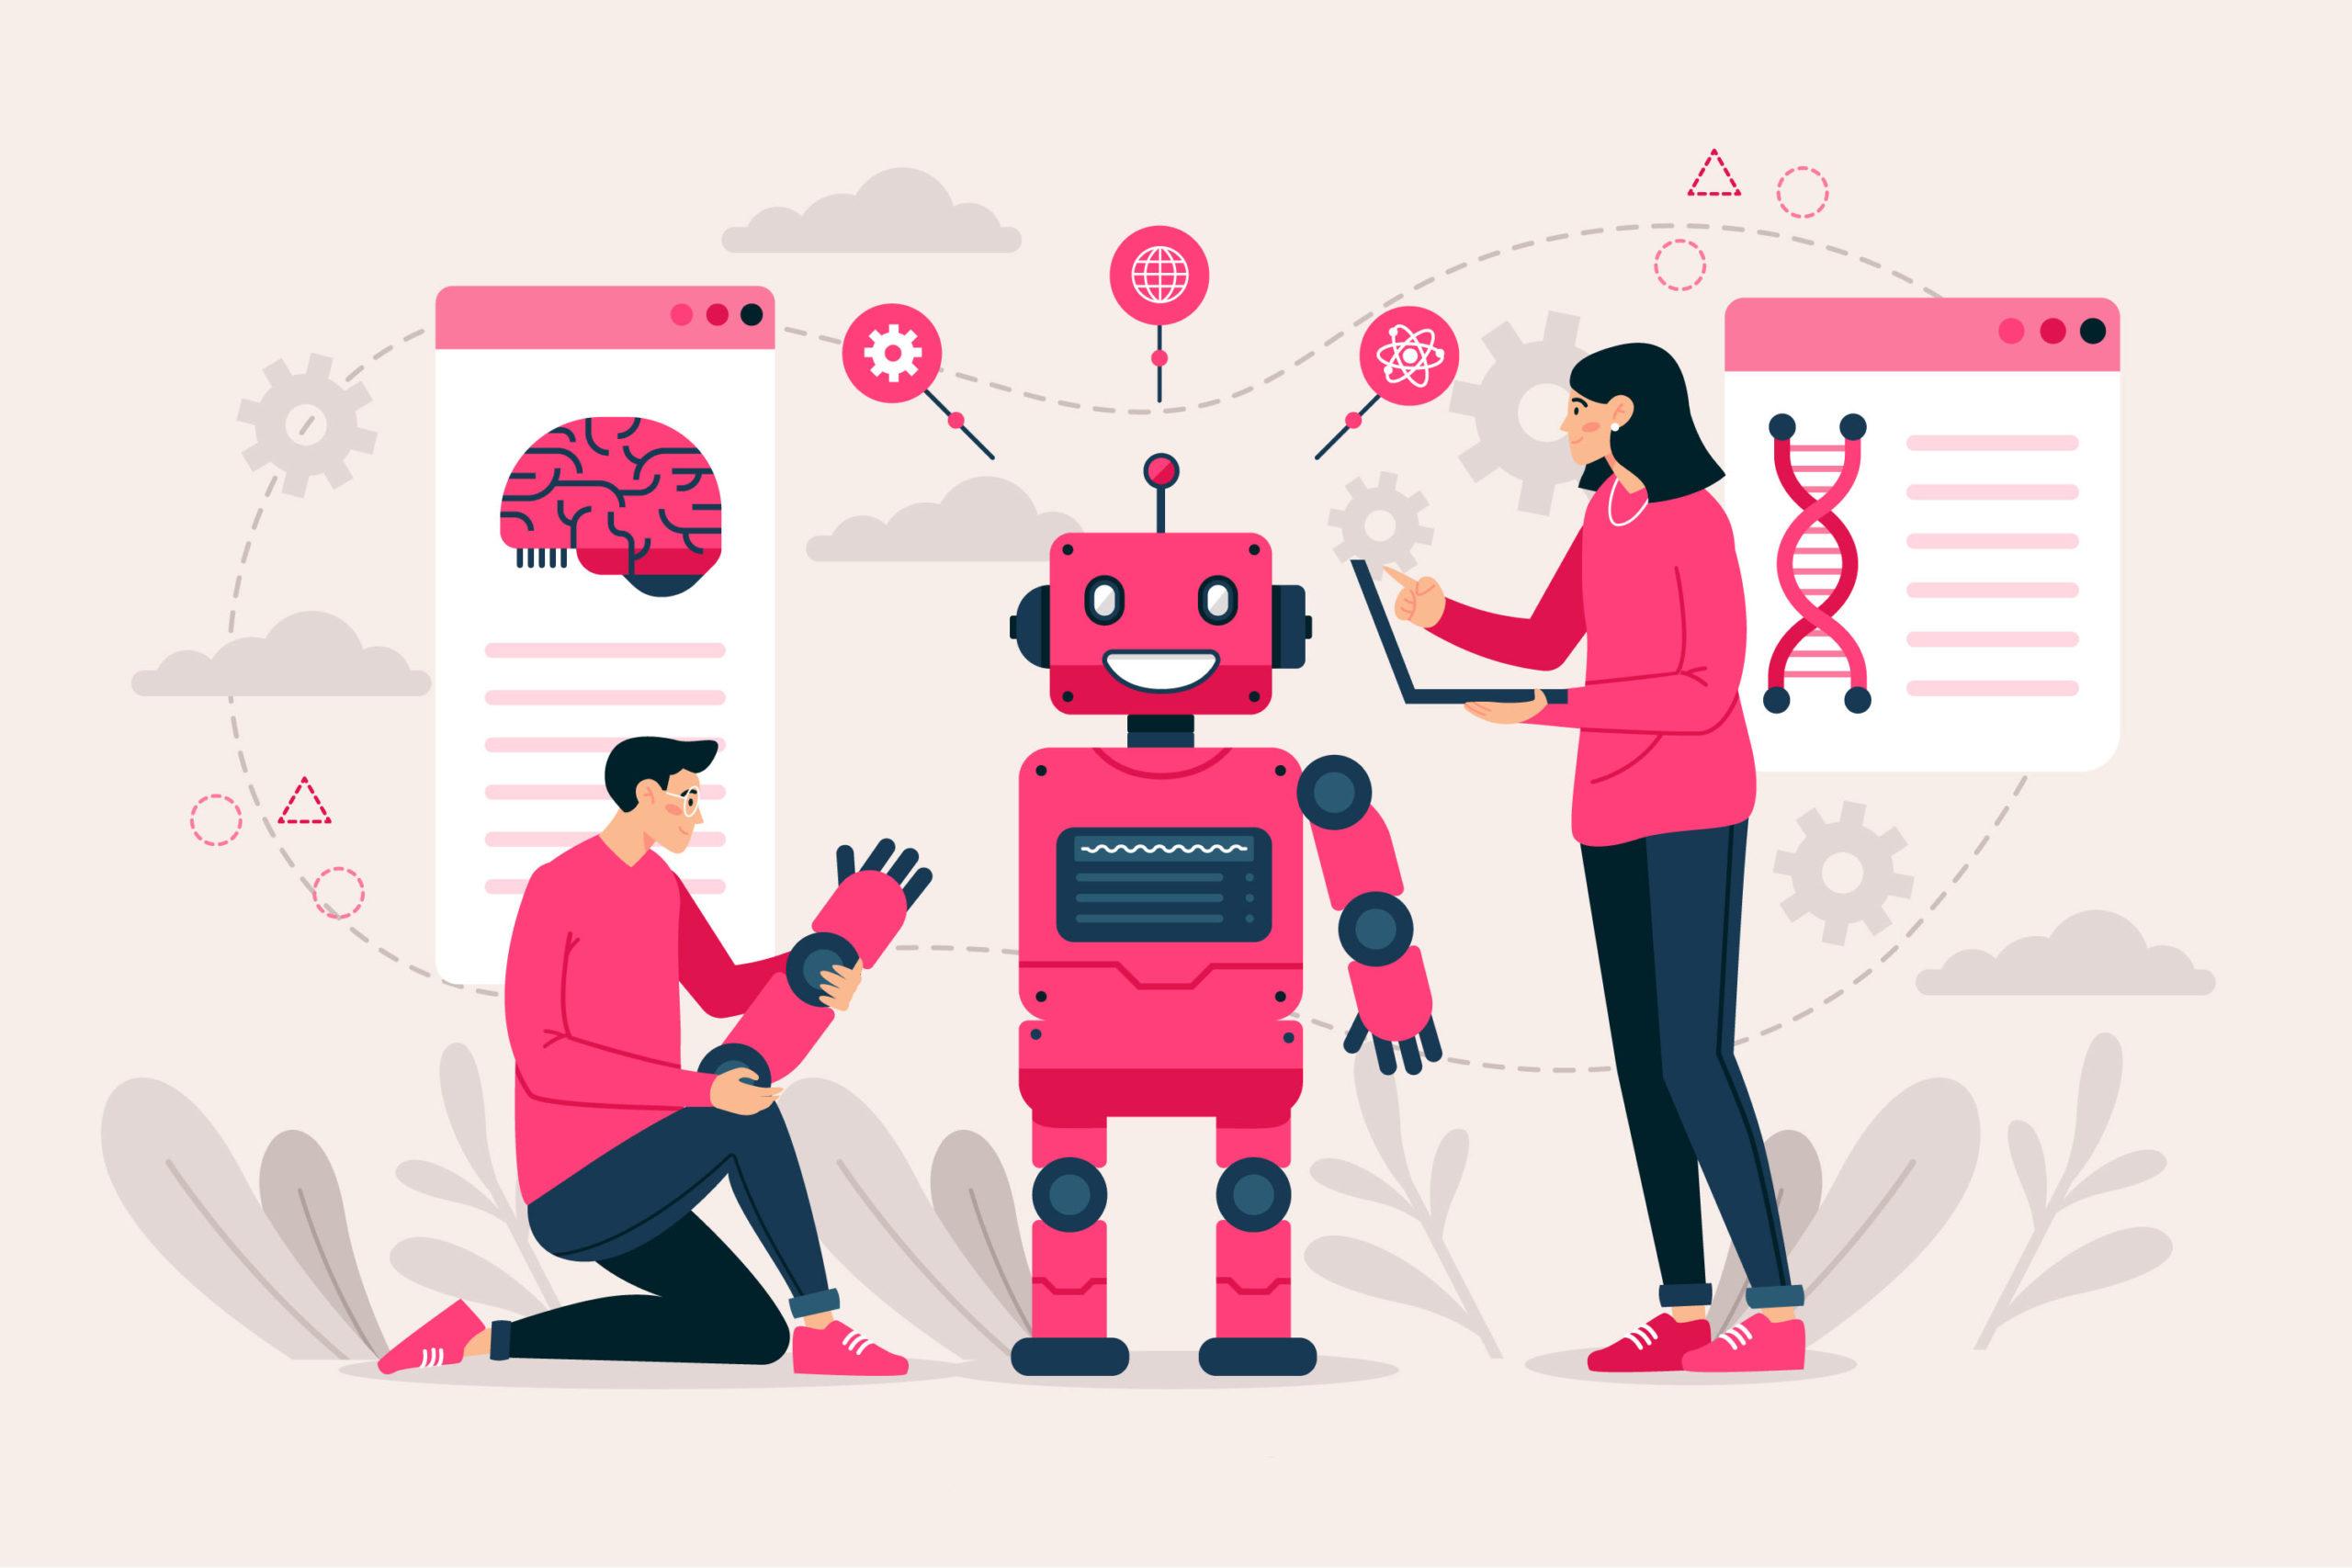 AI and human